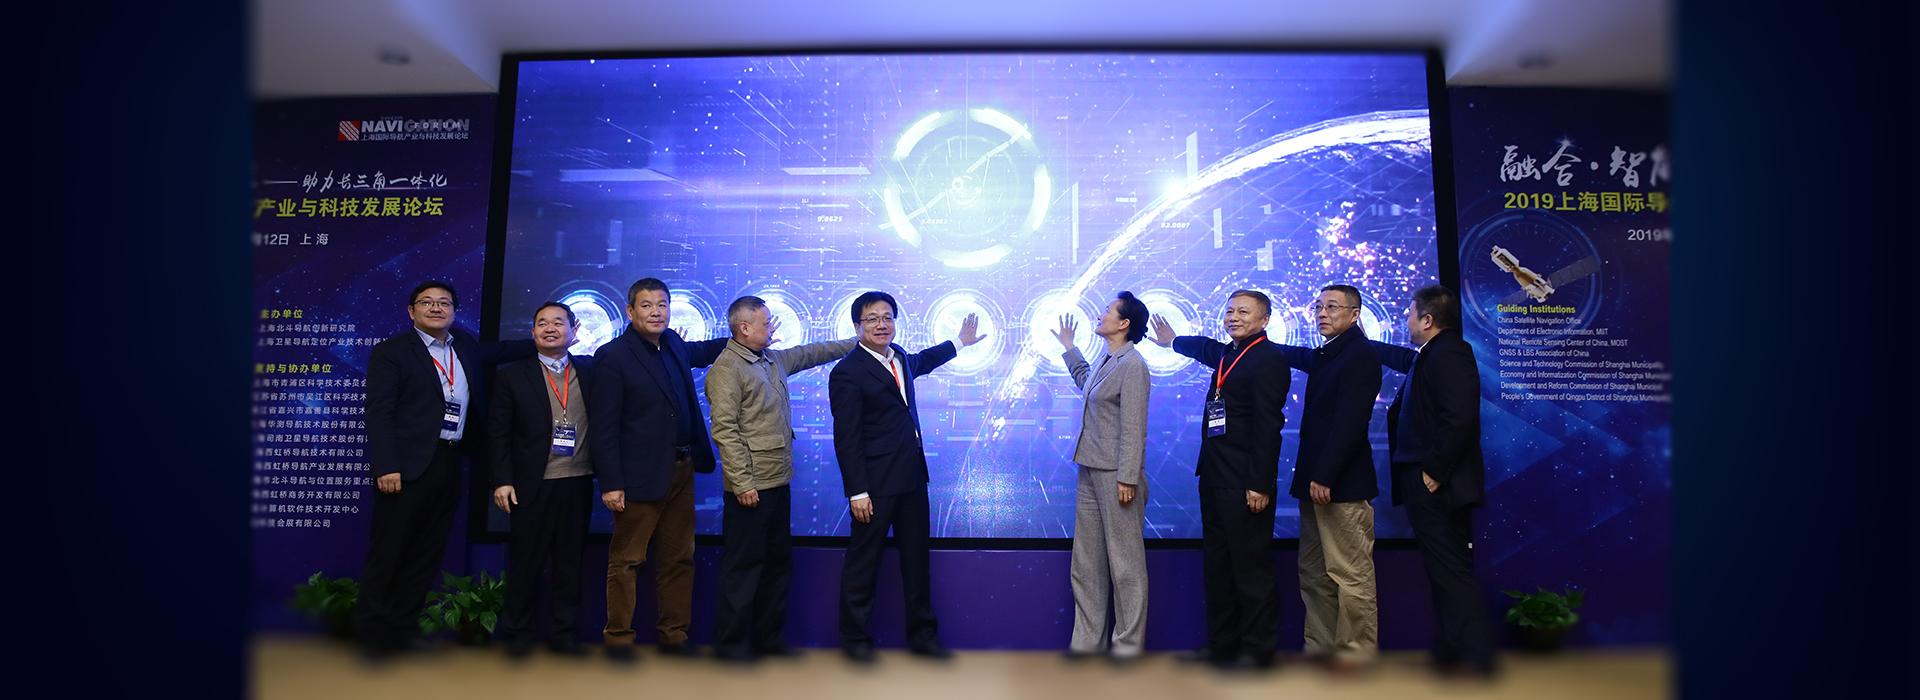 2019年12月12日,上海国际导航产业与科技发展论坛在中国北斗产业技术创新西虹桥基地隆重举行。